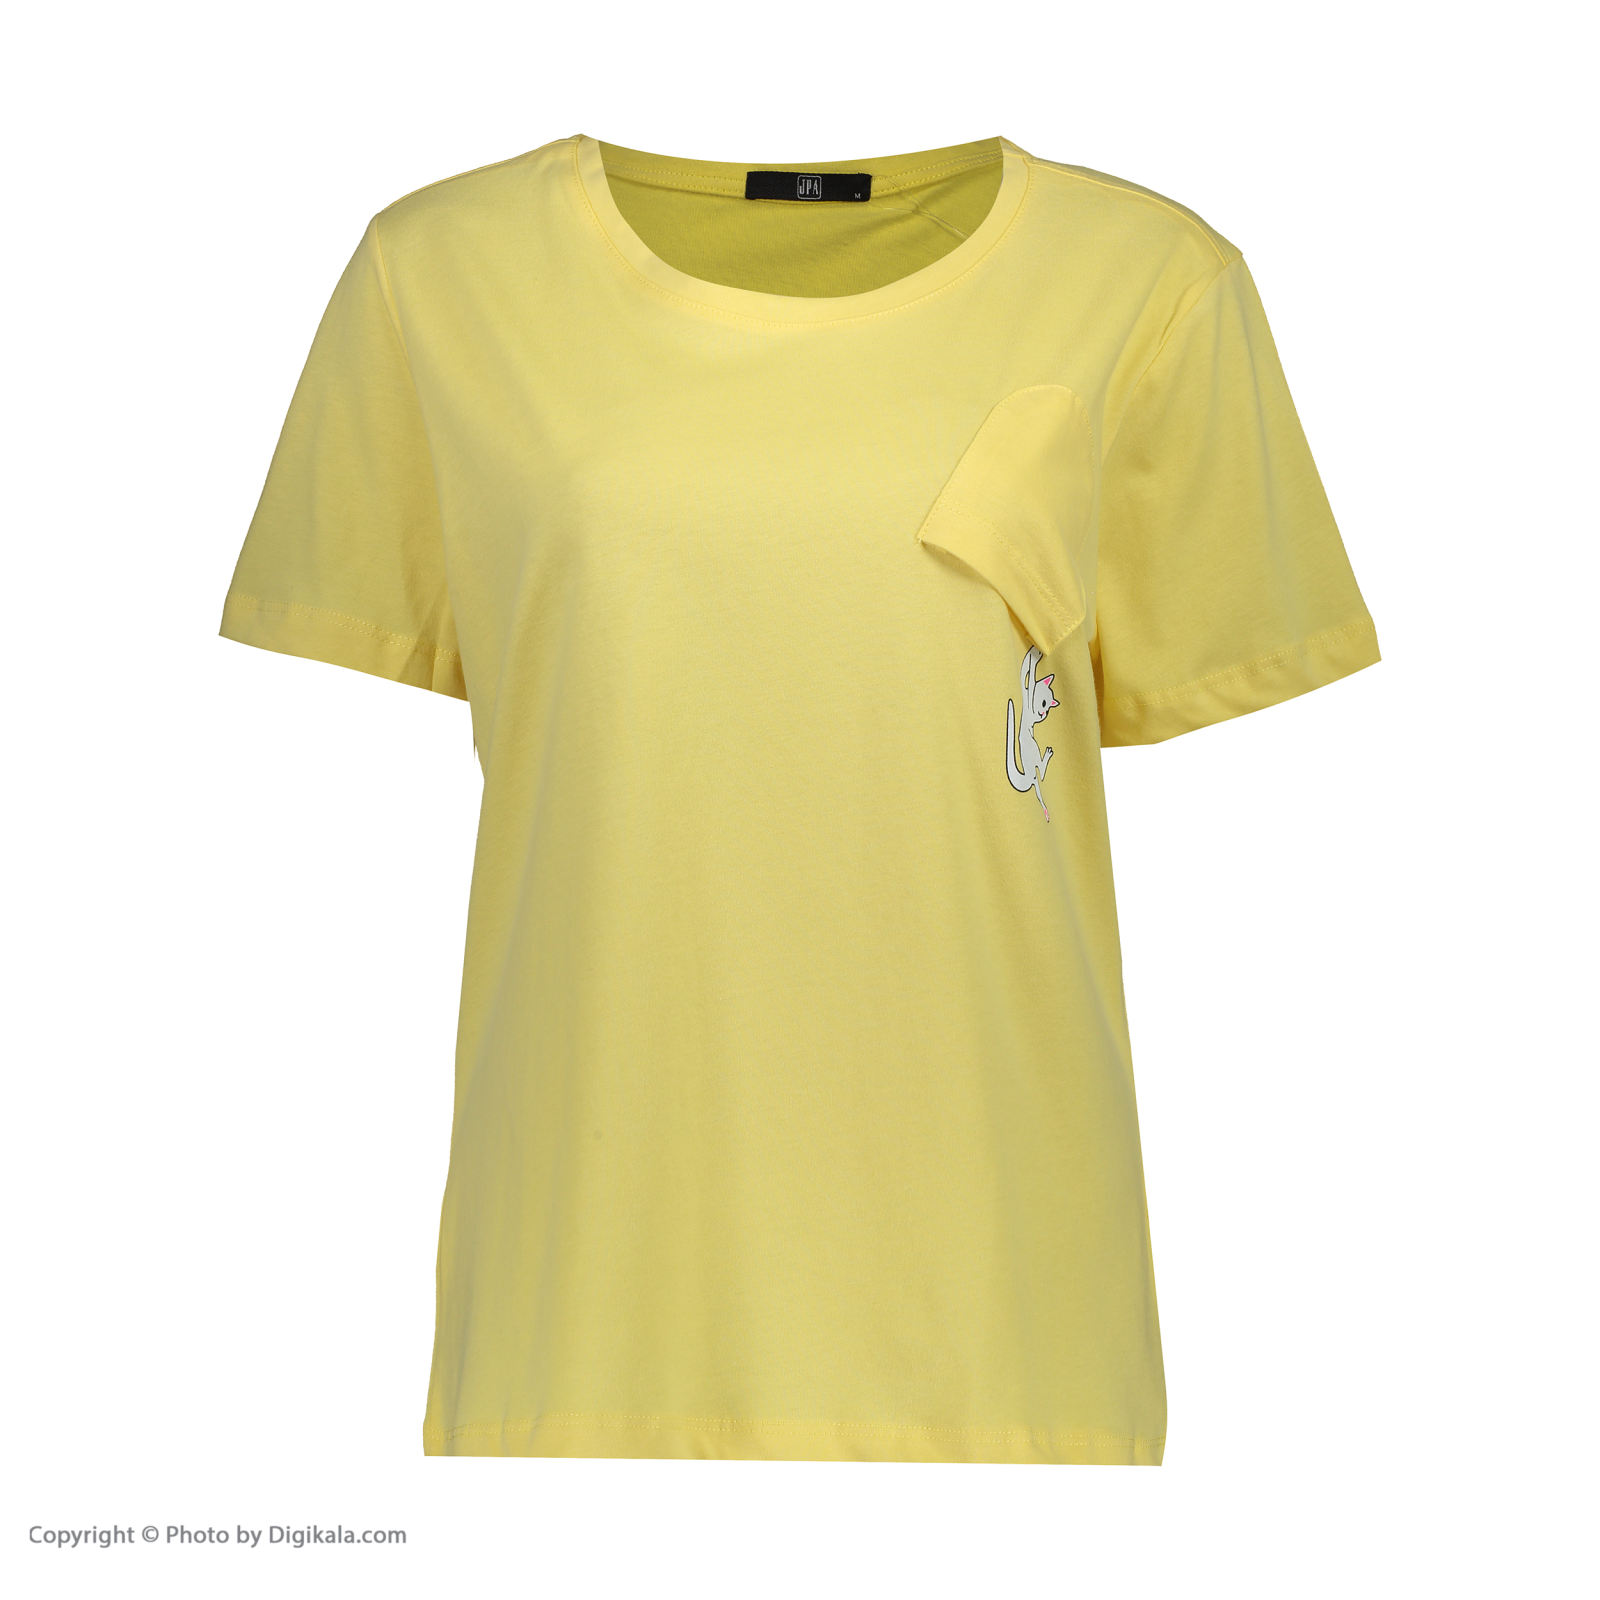 تی شرت زنانه جامه پوش آرا مدل 4012018382-16